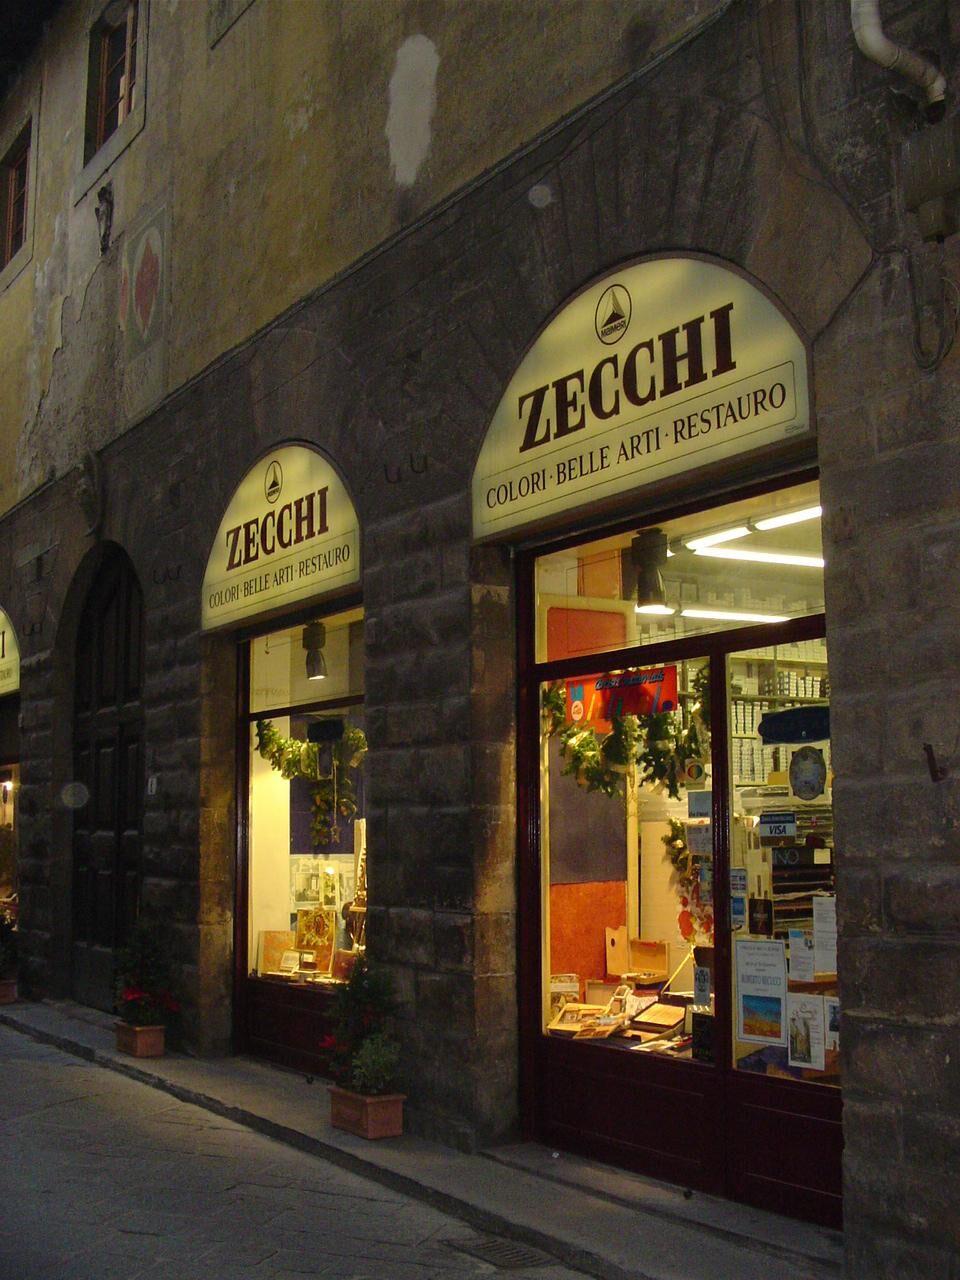 Image courtesy of Massimo Zecchi.